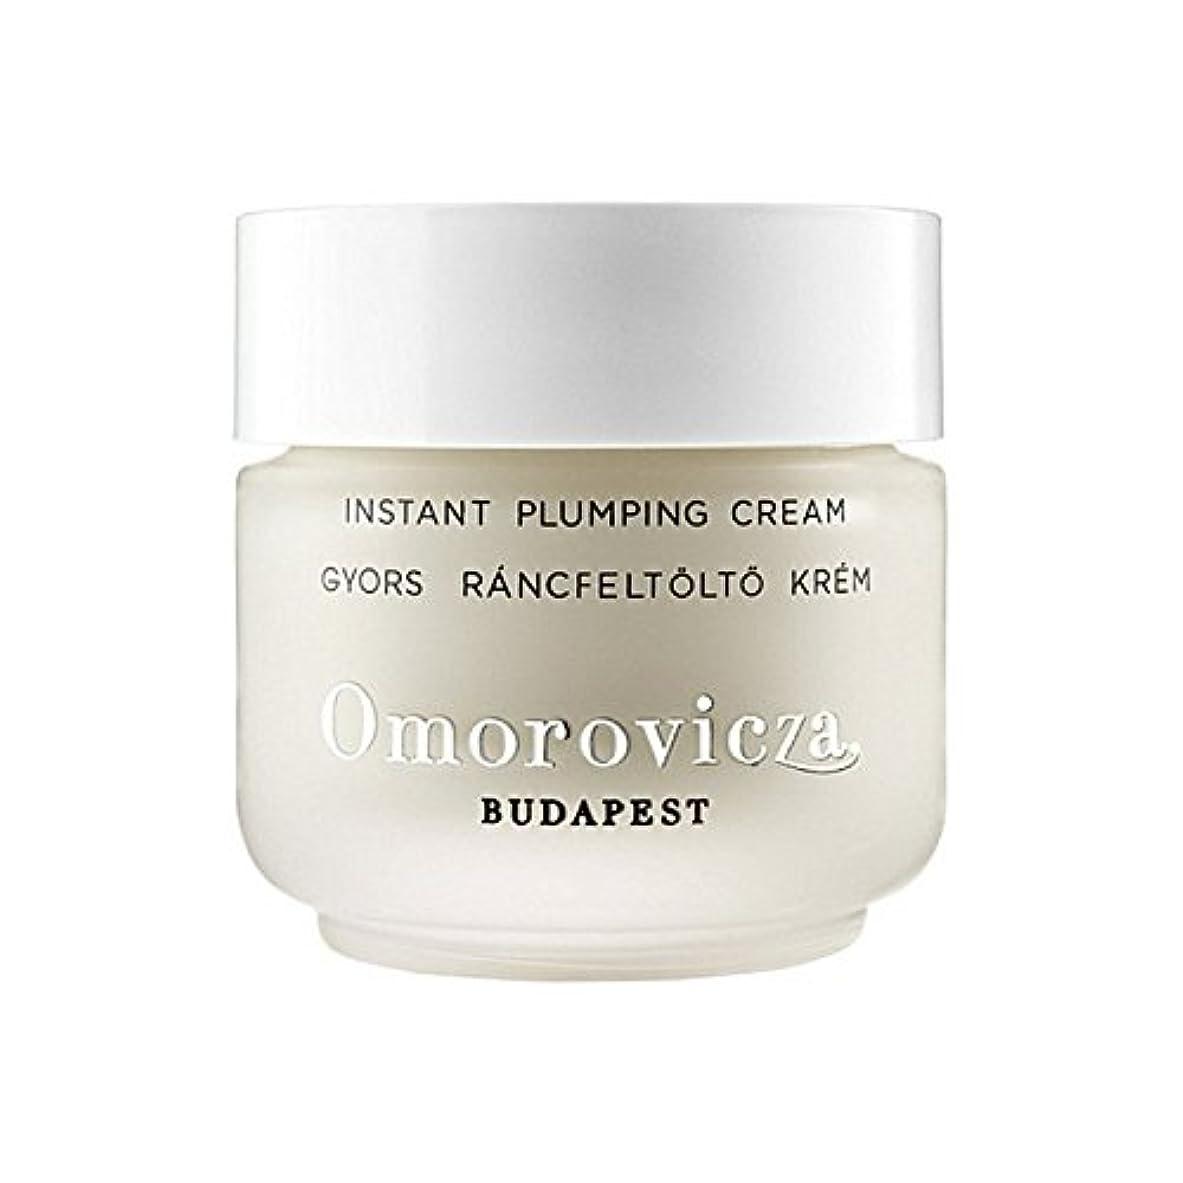 ためらう安西広くインスタント膨化クリーム50 x2 - Omorovicza Instant Plumping Cream 50Ml (Pack of 2) [並行輸入品]